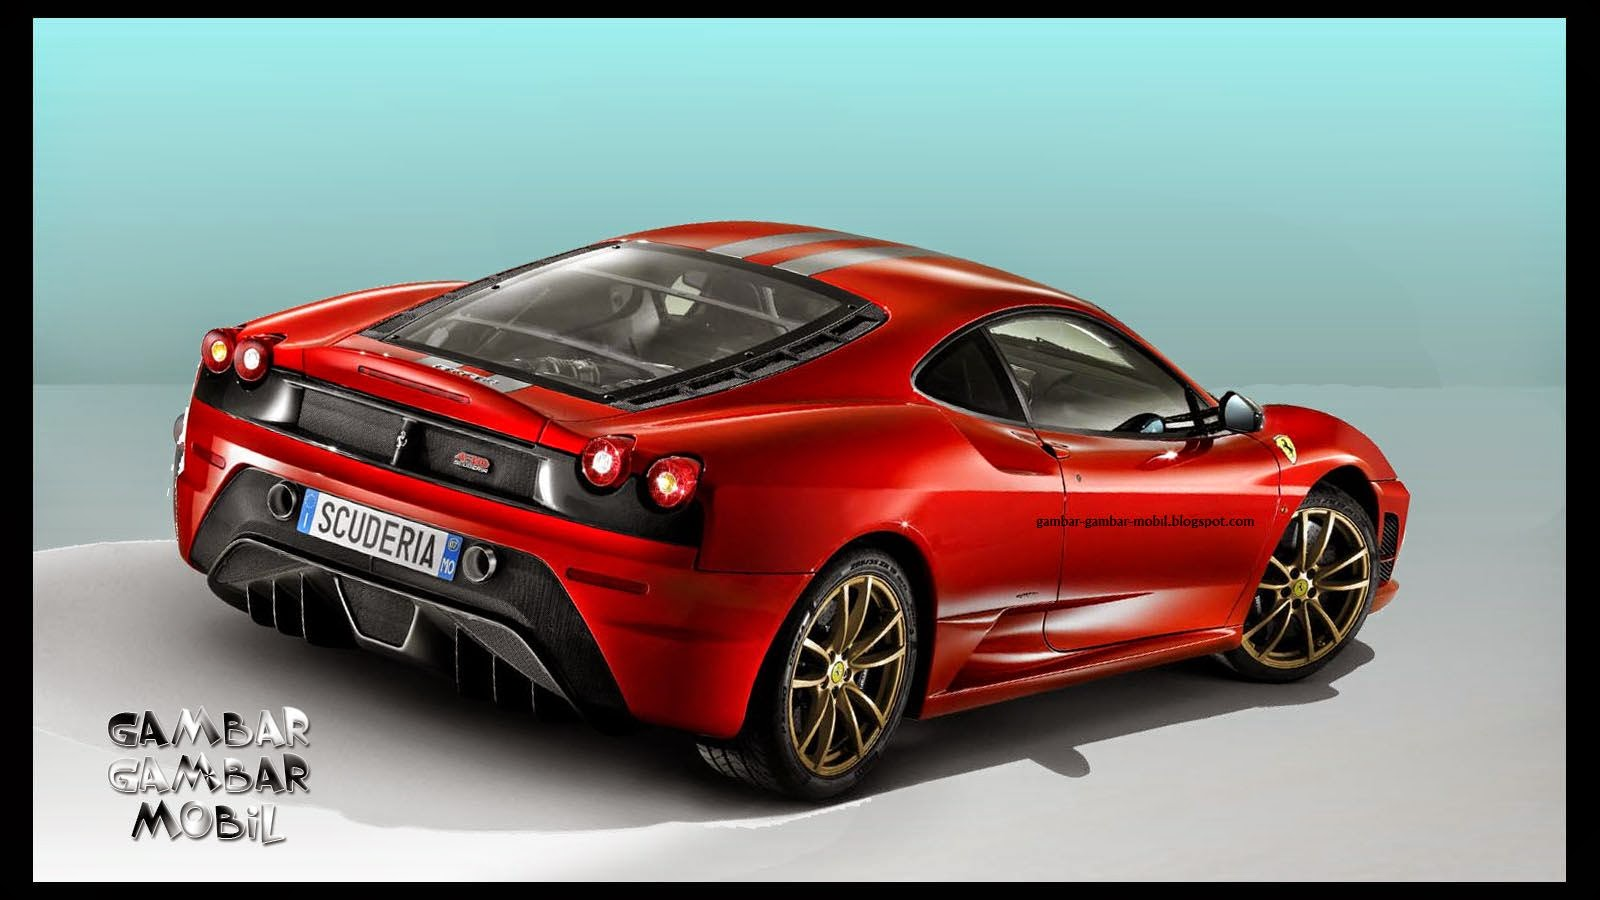 Mobil Sport Terkeren: Gambar Gambar Mobil